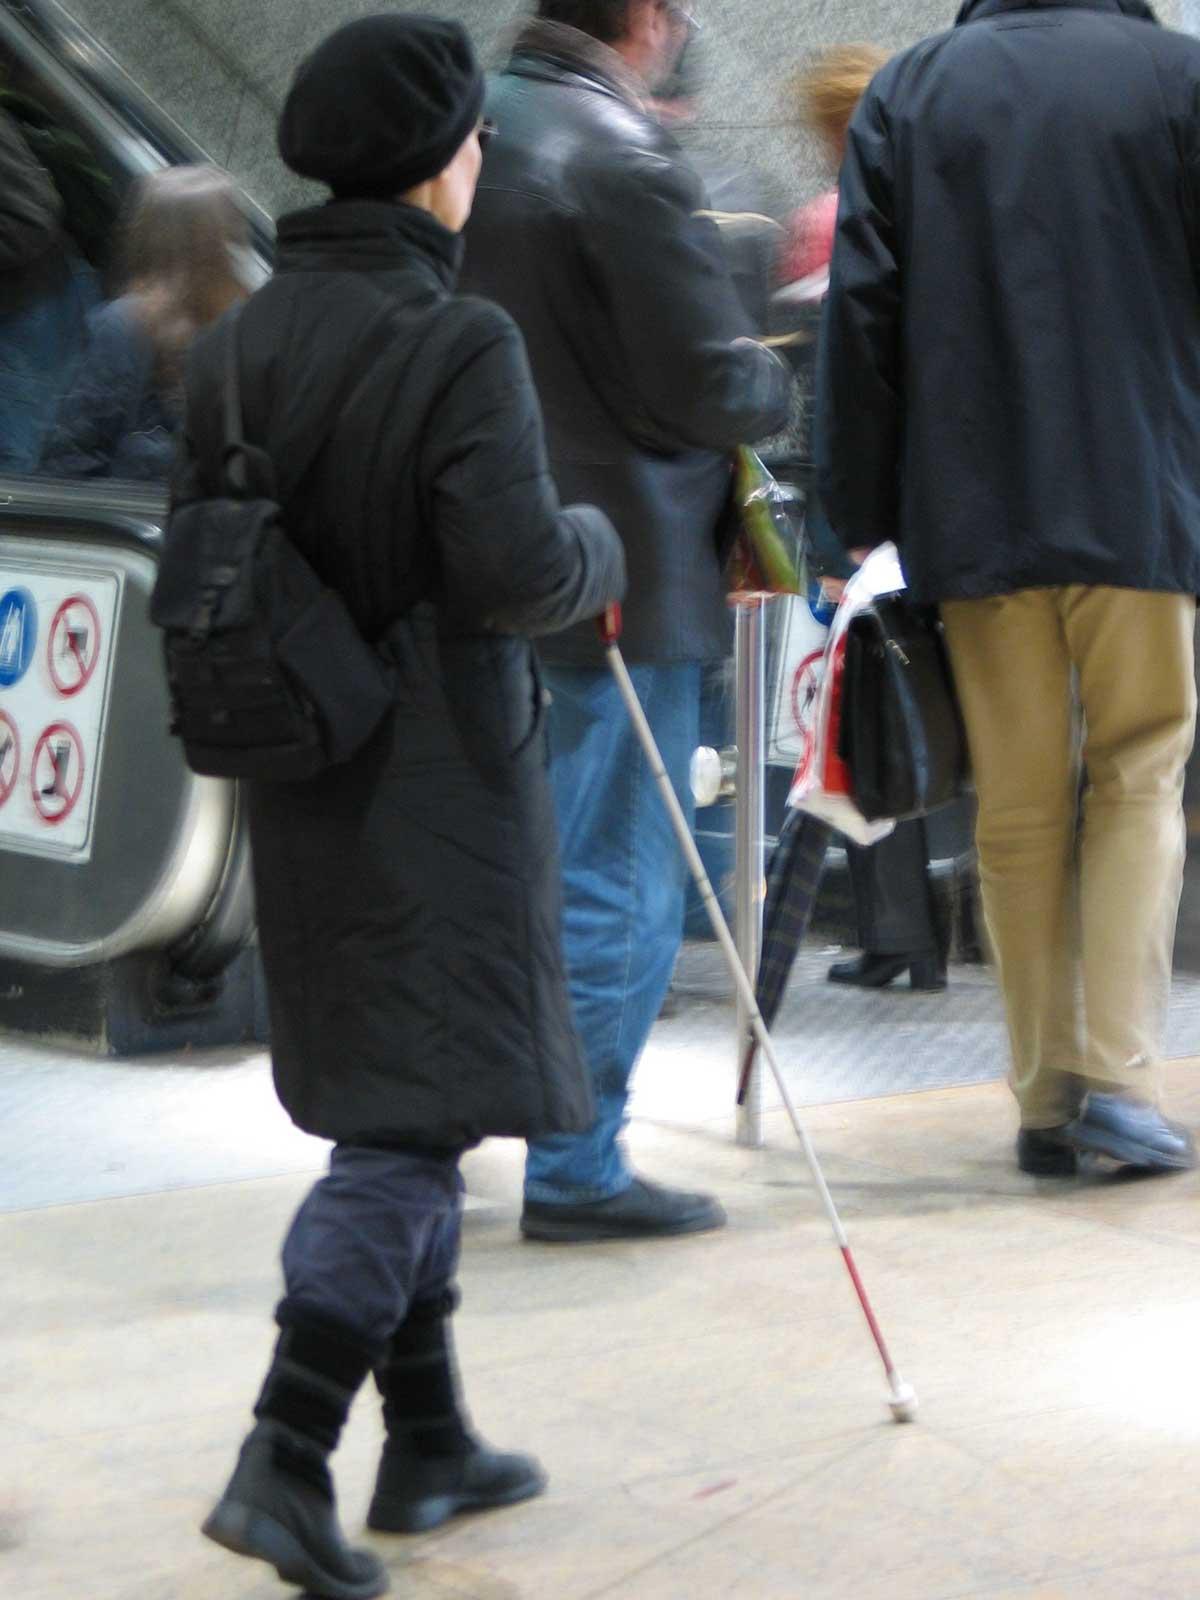 Die Anzahl blinder Menschen ist auch heute noch sehr gering. Im Gegensatz zu früheren Jahren werden die ÖPNV-Anlagen aber dennoch auf blinde oder sehbehinderte Menschen ausgerichtet.